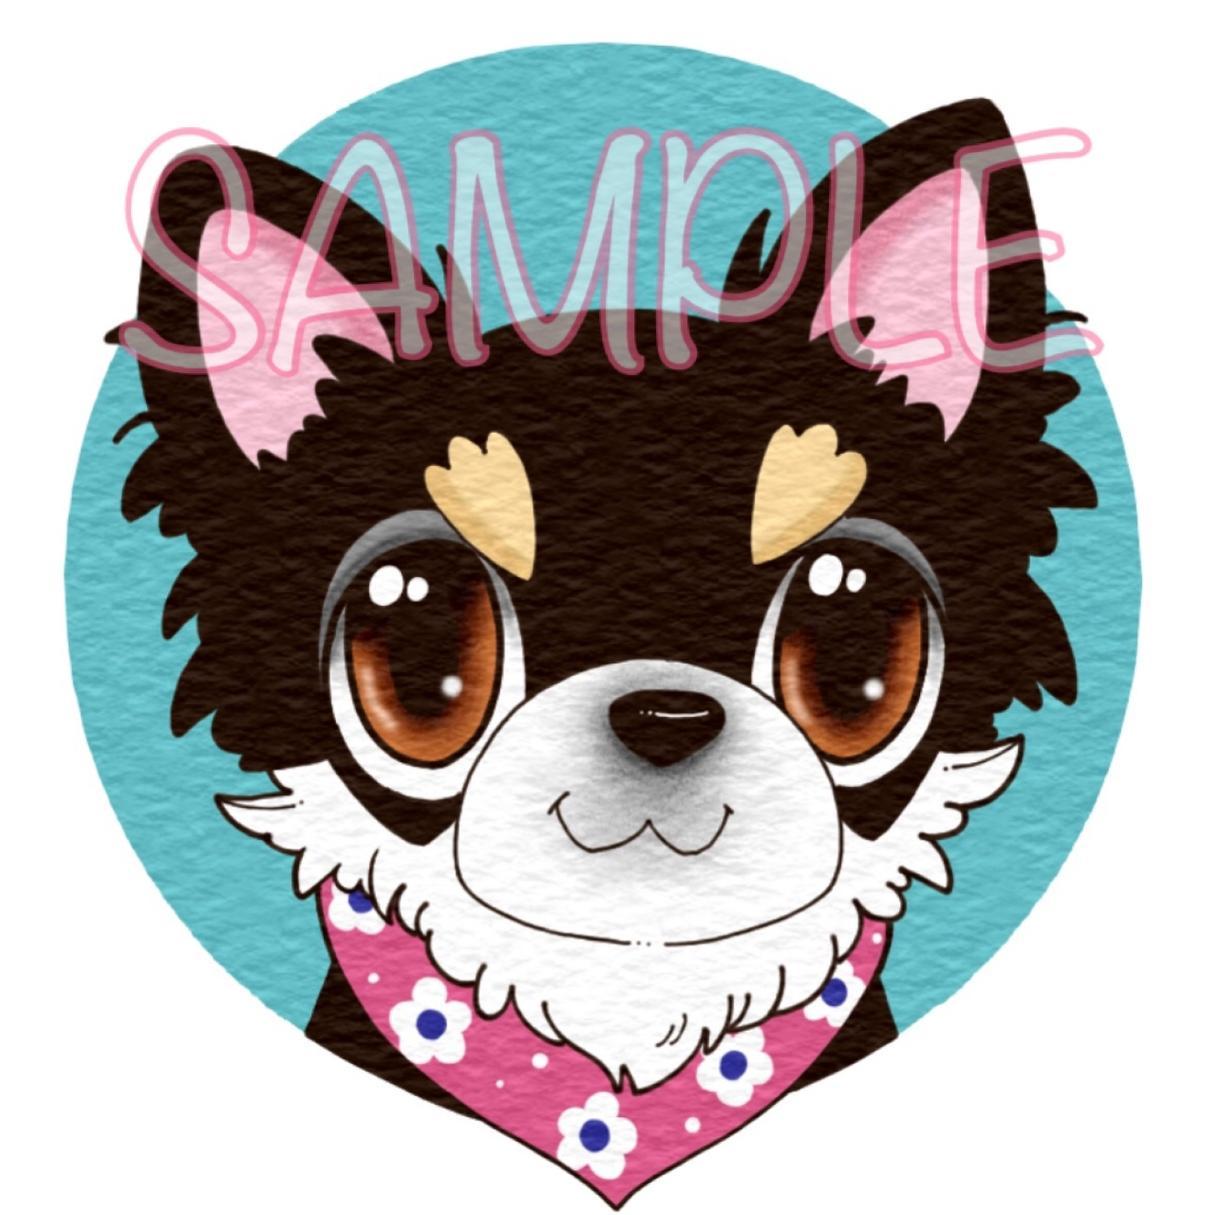 SNS映えするポップな動物アイコンお描きします 可愛いペットの似顔絵、動物イラストをアイコンにしませんか? イメージ1